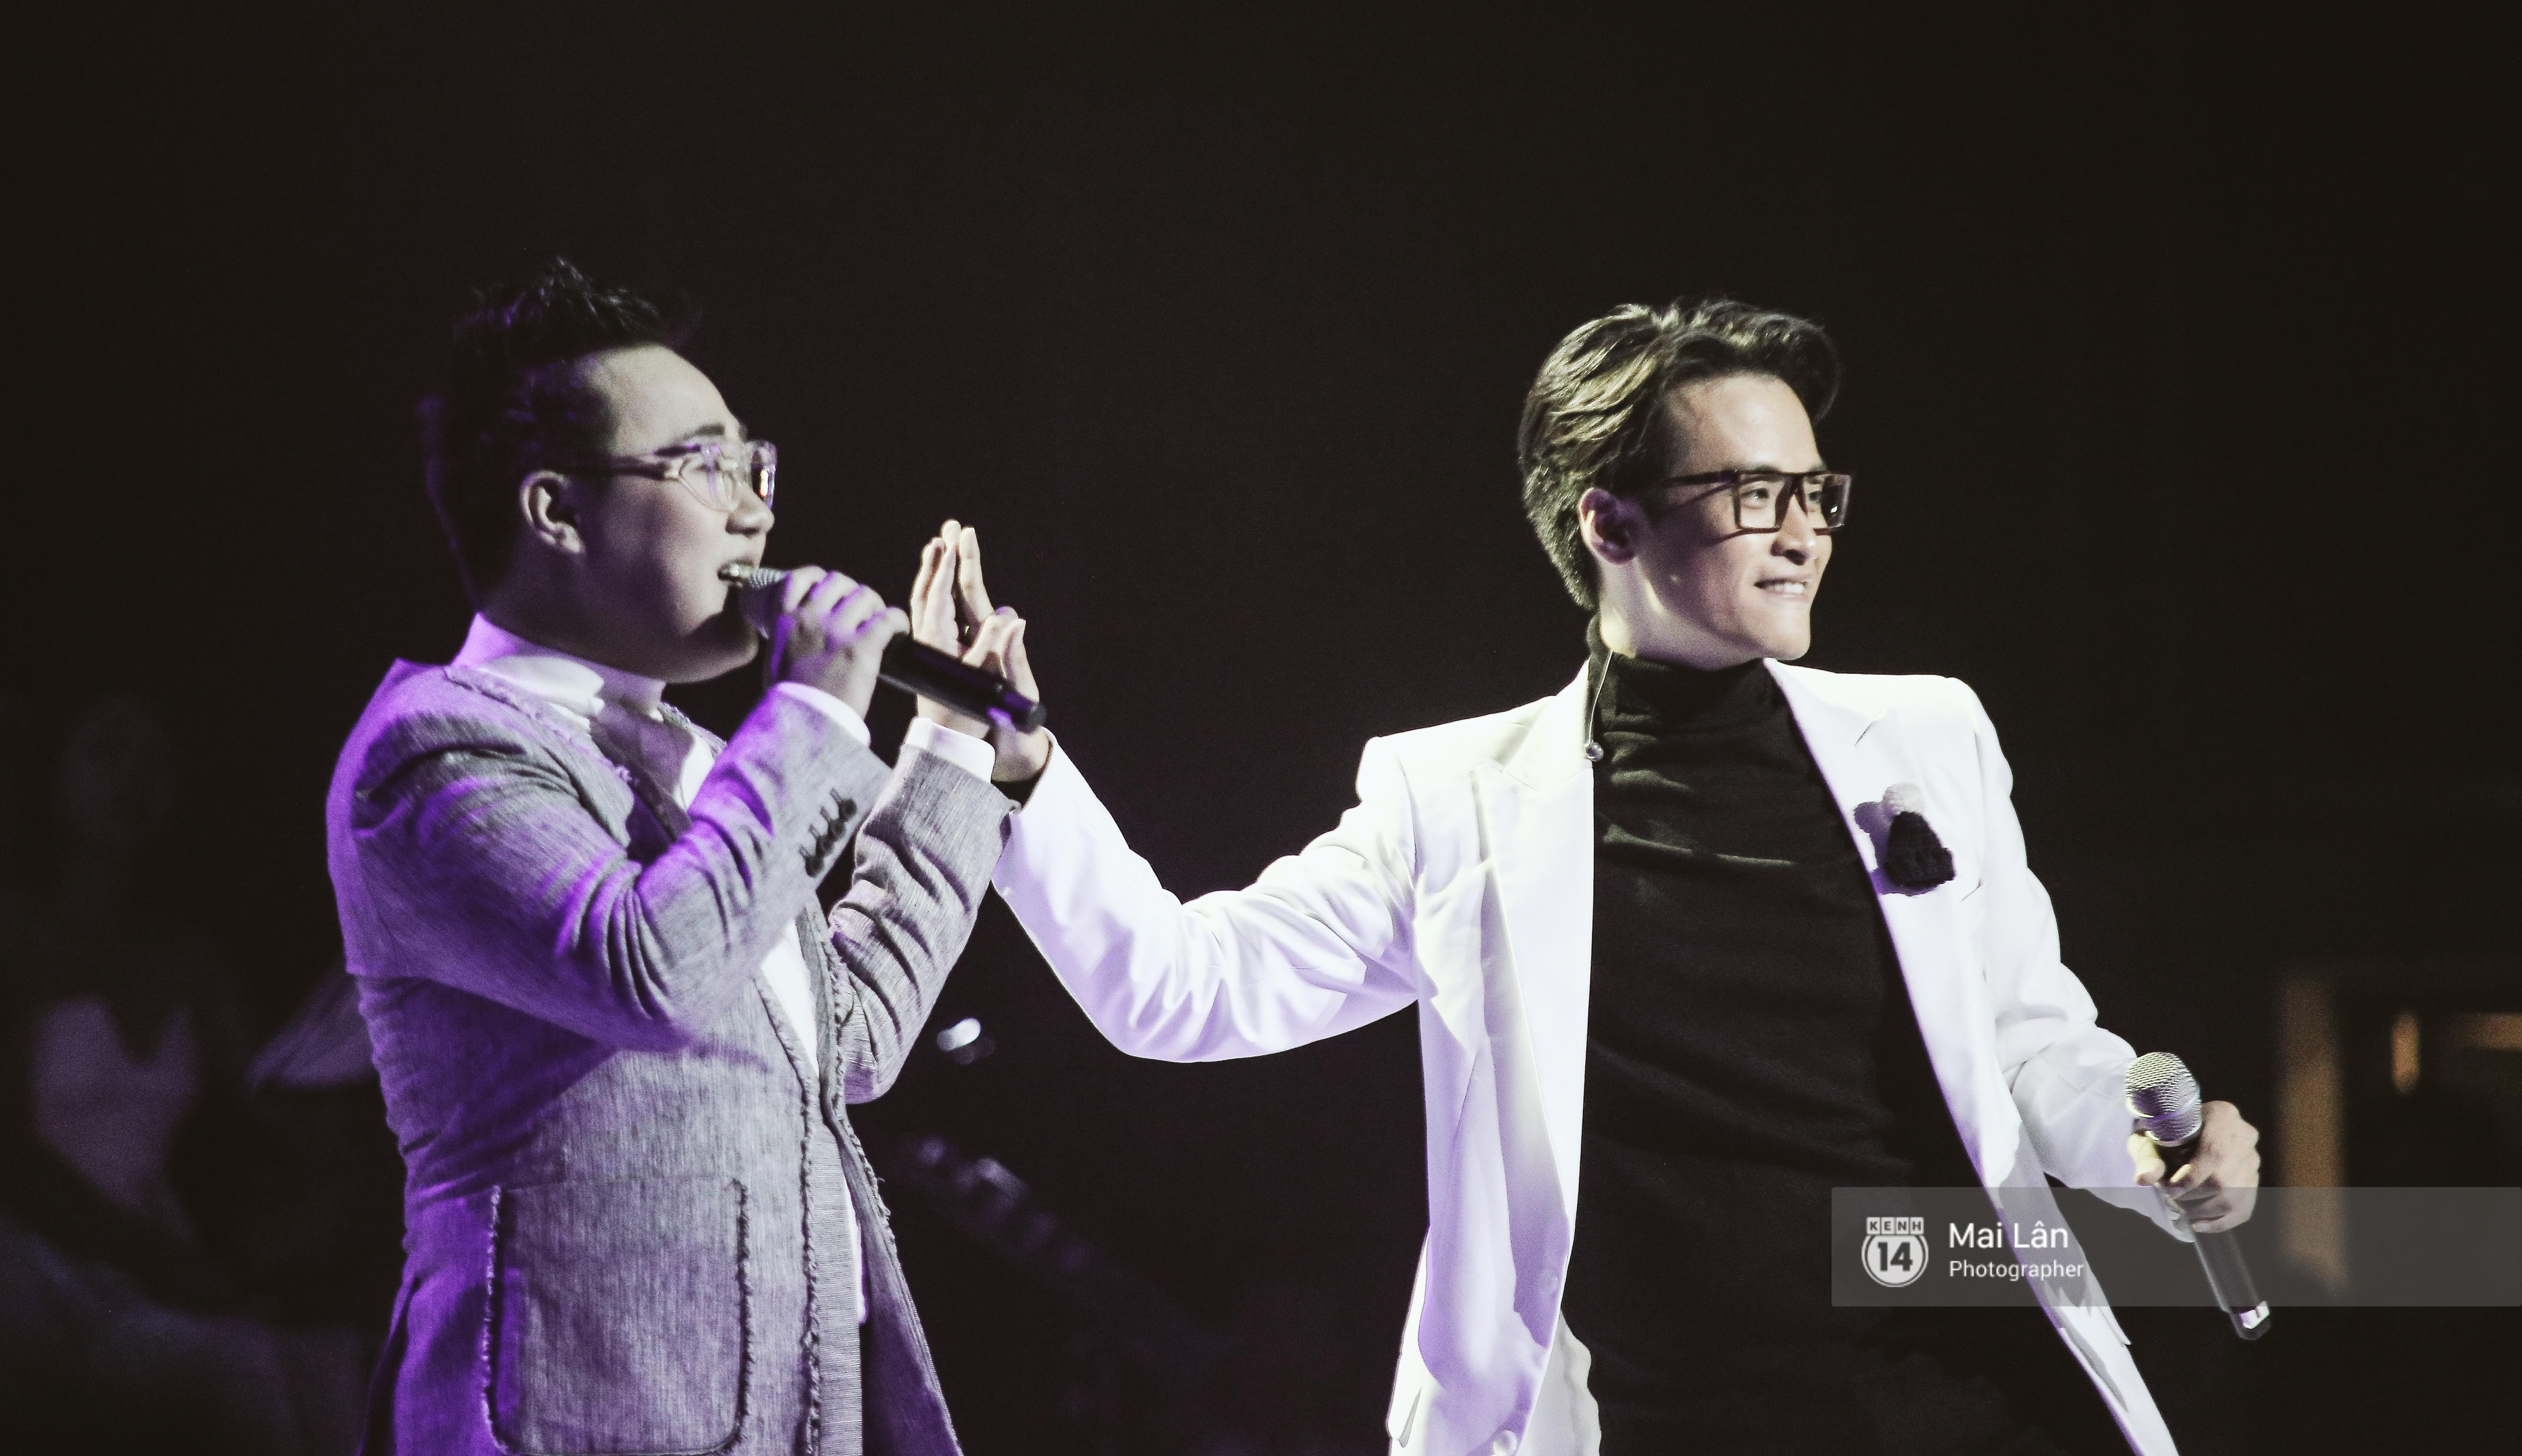 Quên Hà Anh Tuấn đi, hãy thưởng thức Fragile Concert hết mình bằng cả thanh xuân của bạn - Ảnh 9.